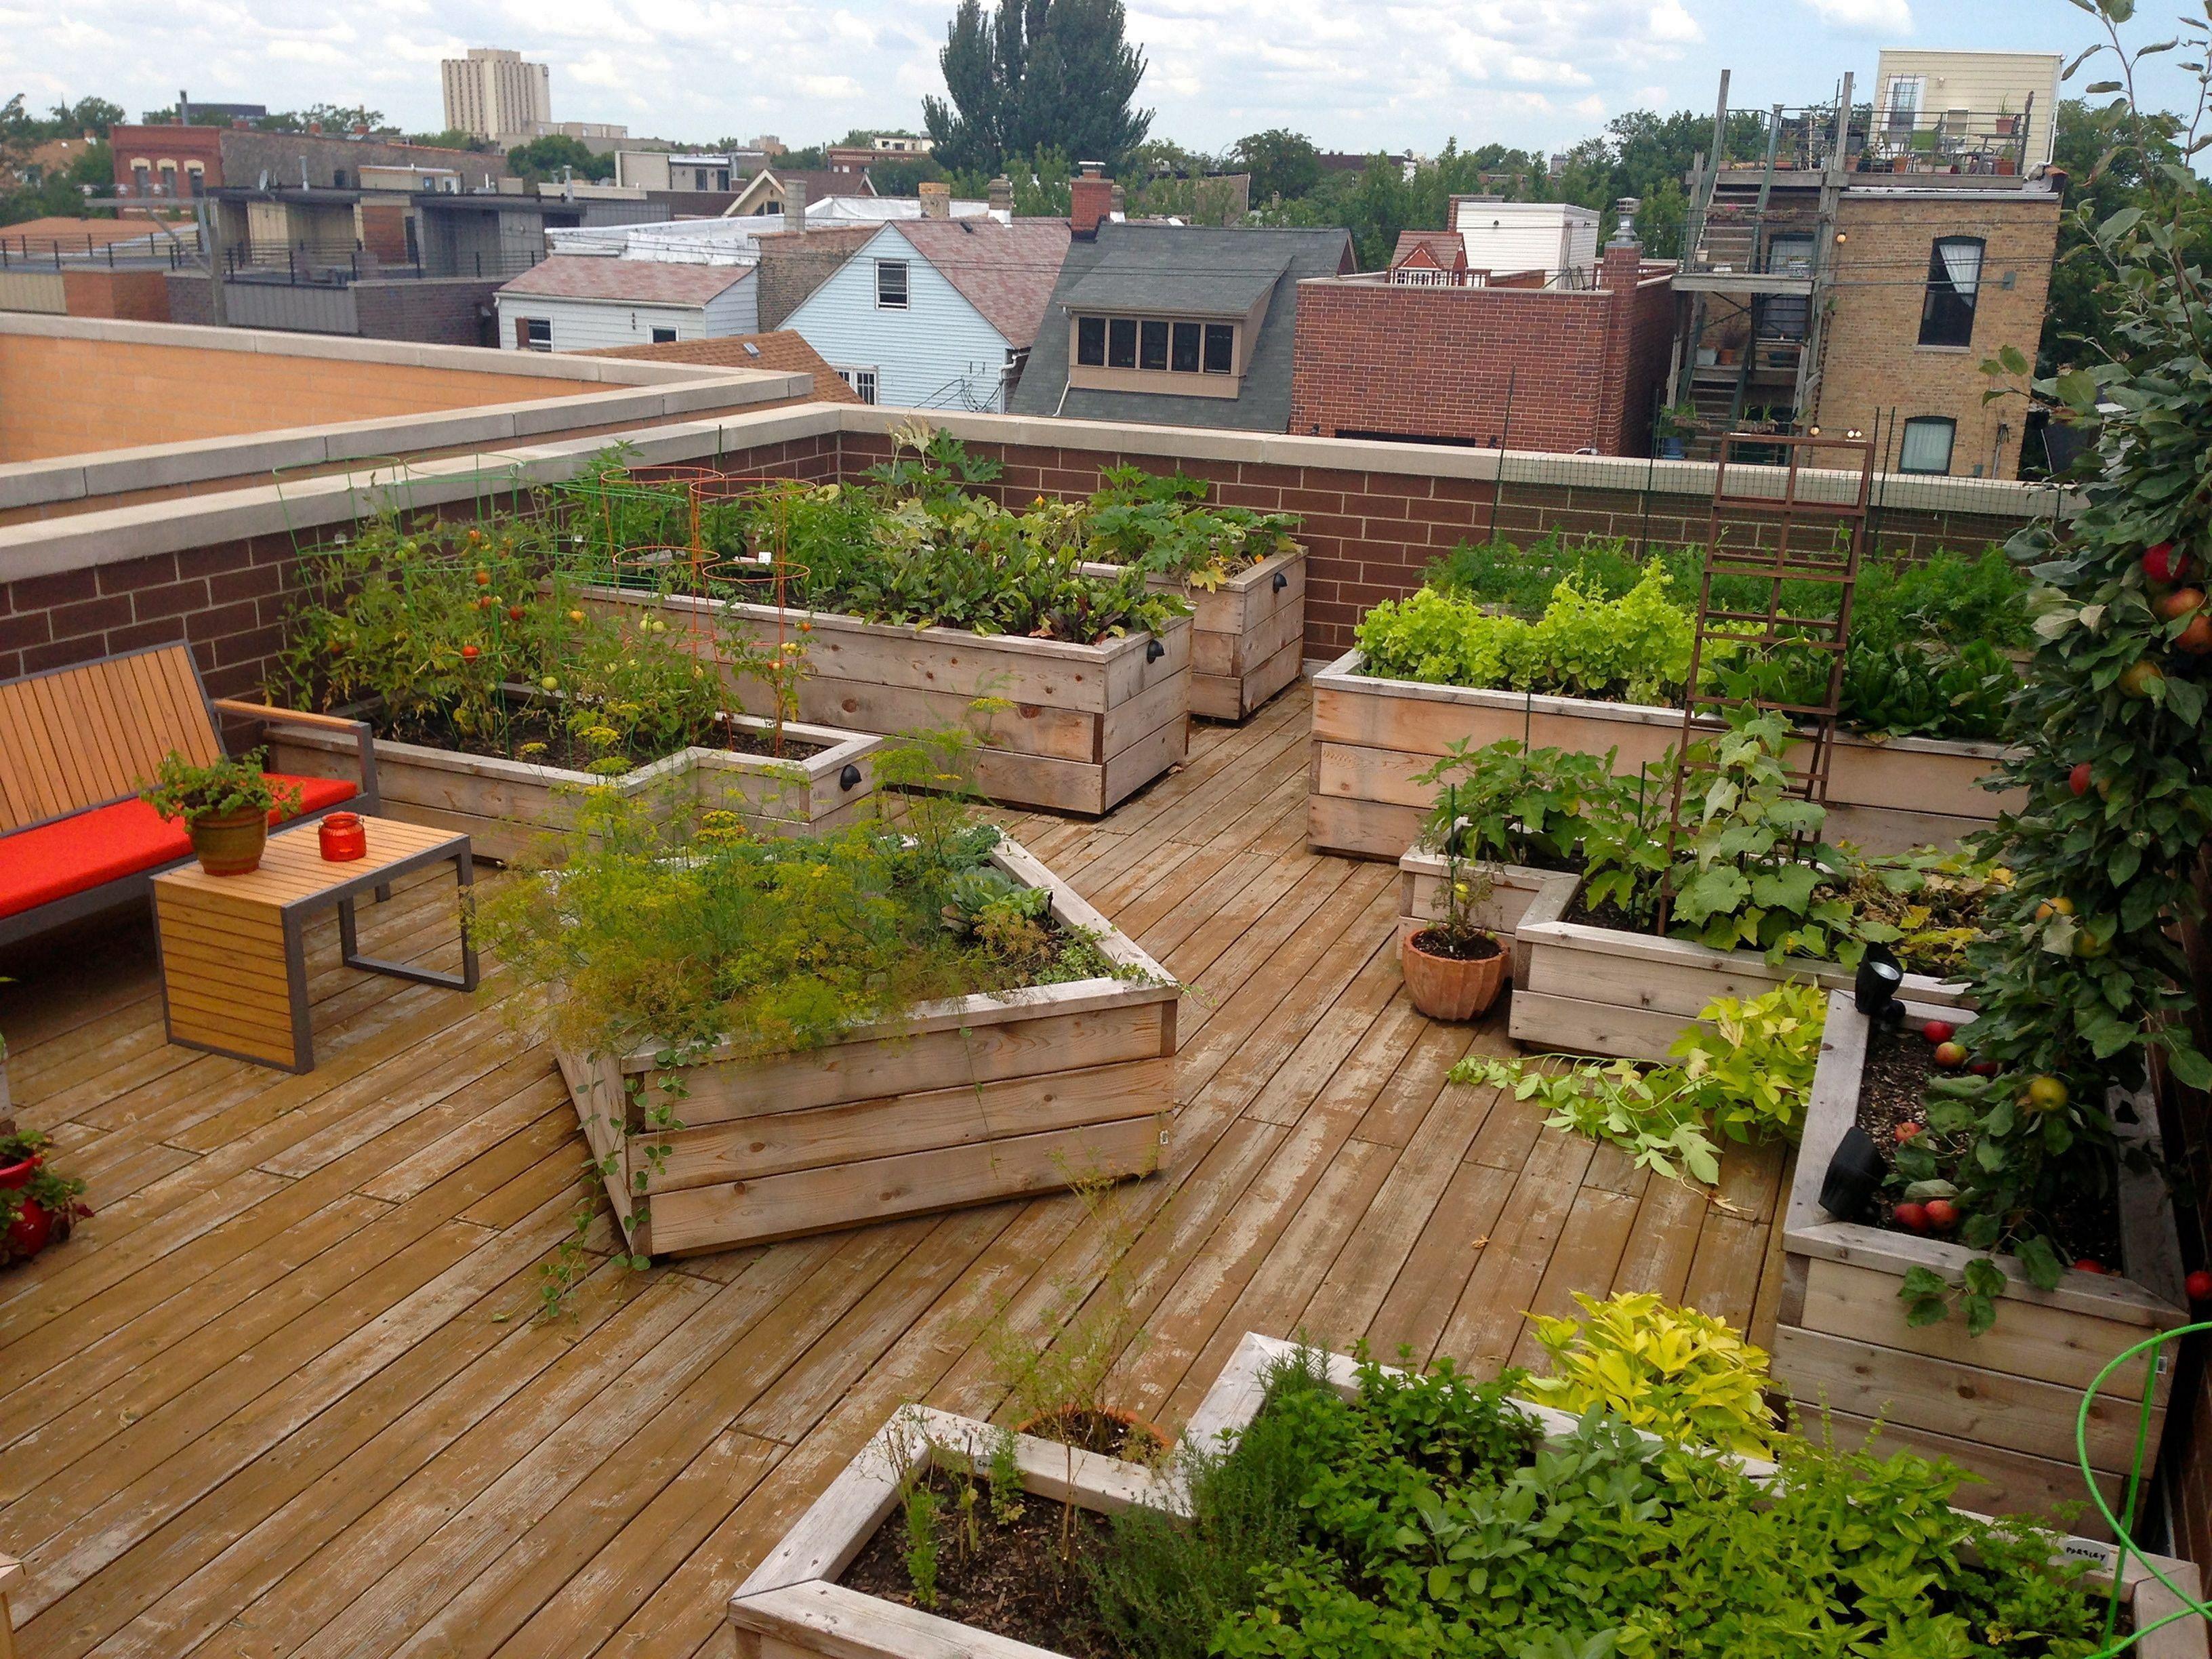 Cool 15 Magnifique Jardin Sur Le Toit Pour Votre Maison Incroyable